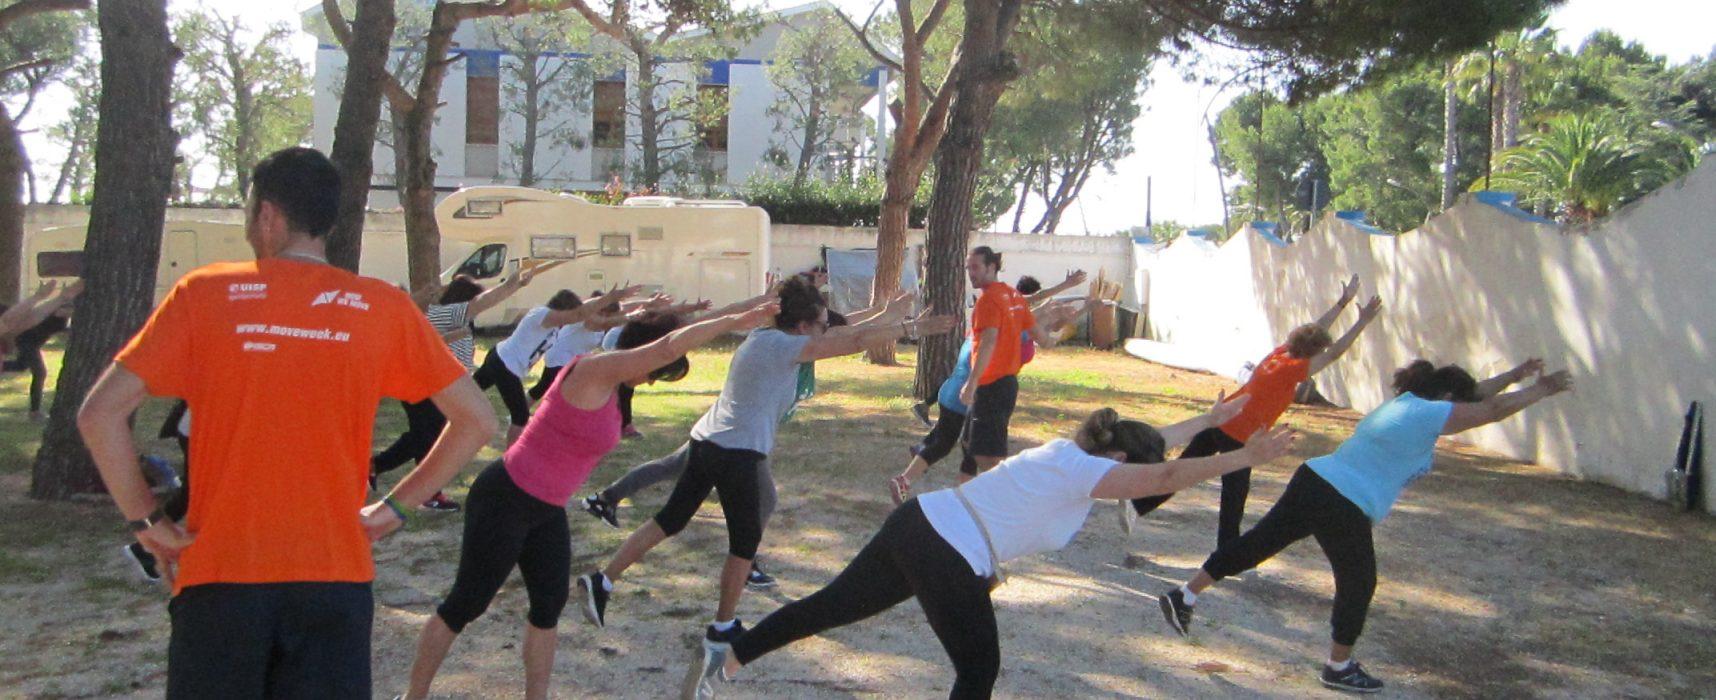 Torna la Move Week, settimana di promozione per l'attività fisica